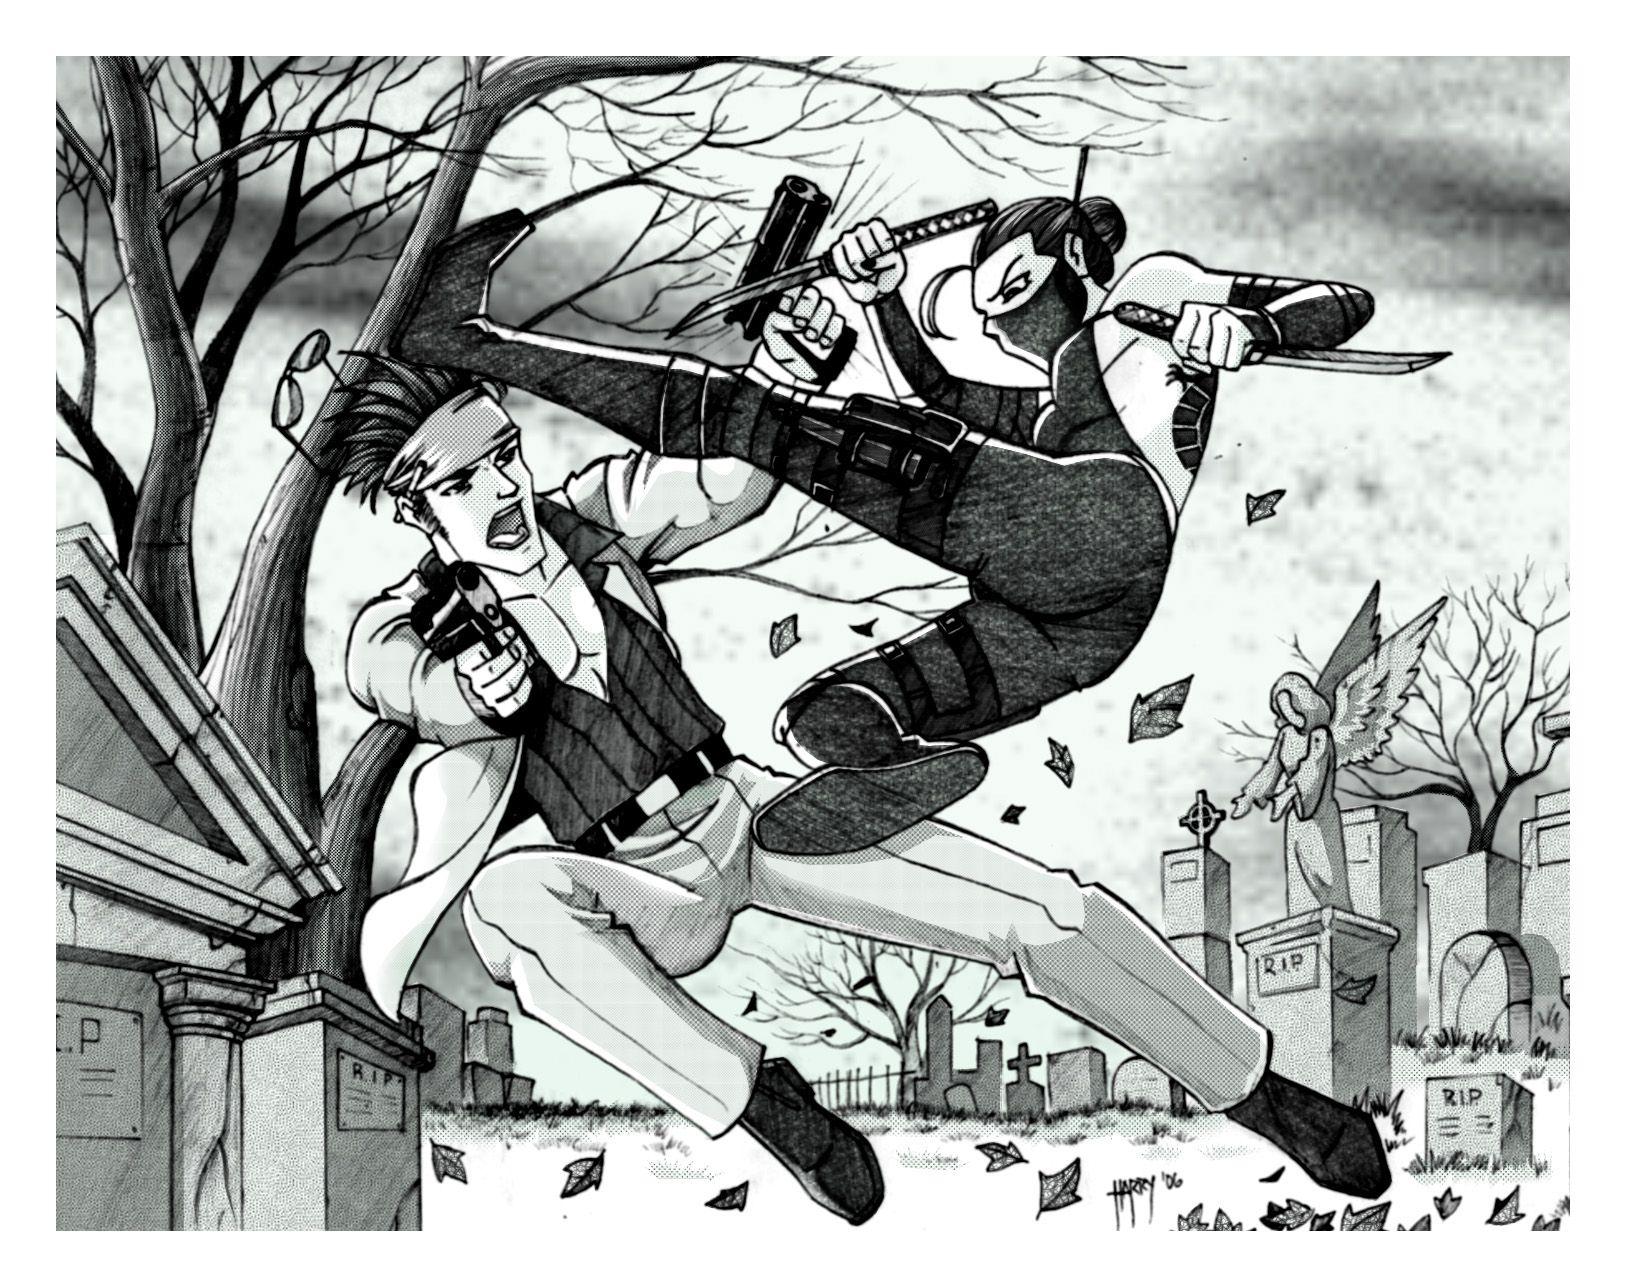 Fight Scene By Harrybognot On Deviantart Anime Fight Scene Anime